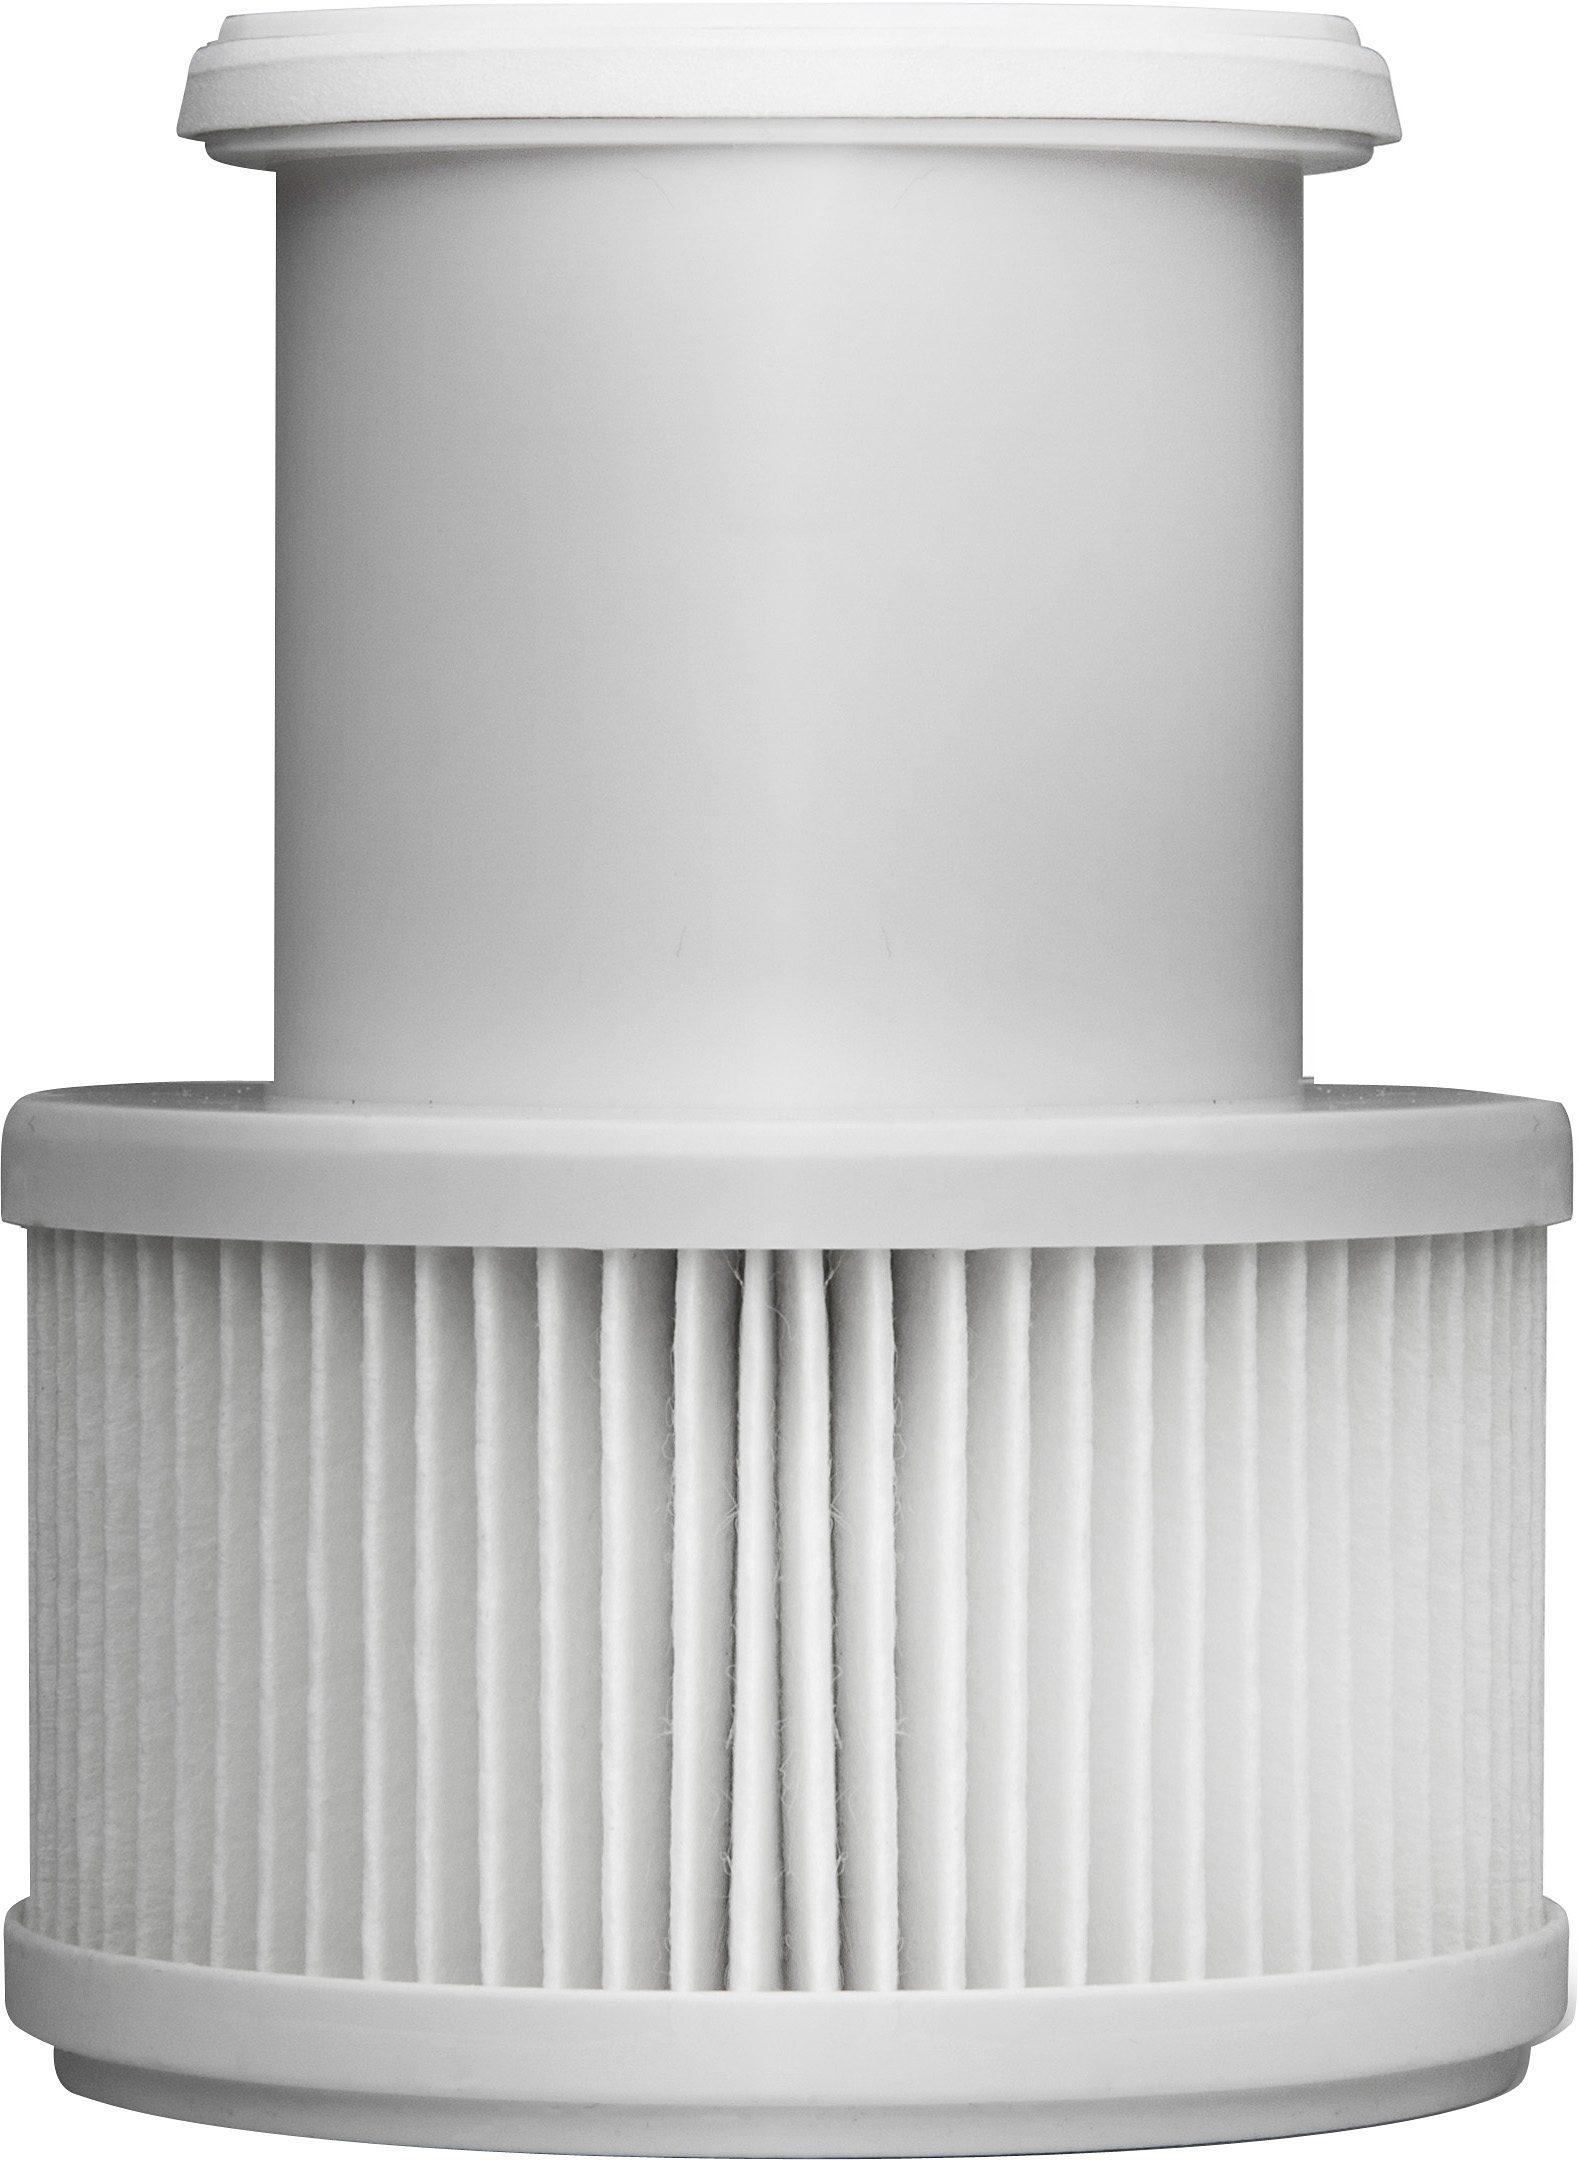 Medisana, Raumluftreiniger, Air M60390